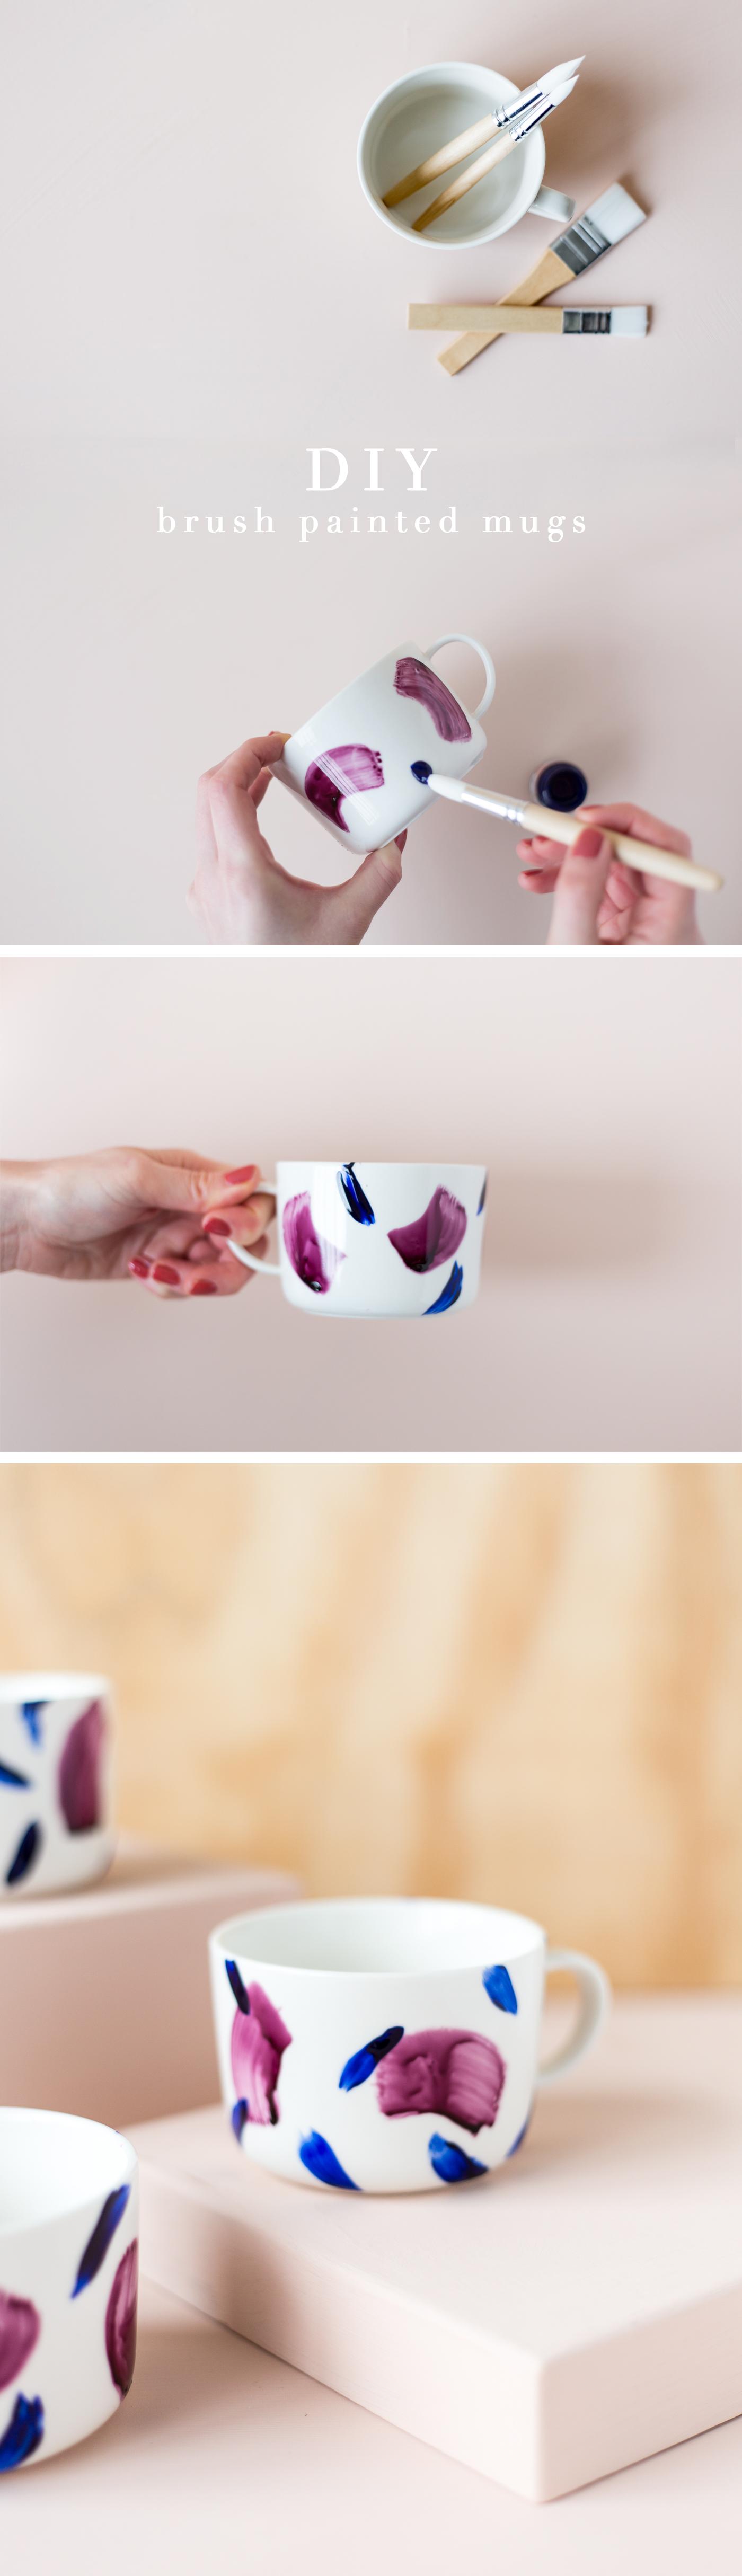 Кружки для кофе с художественной росписью и росписью DIY |  Падение для DIY